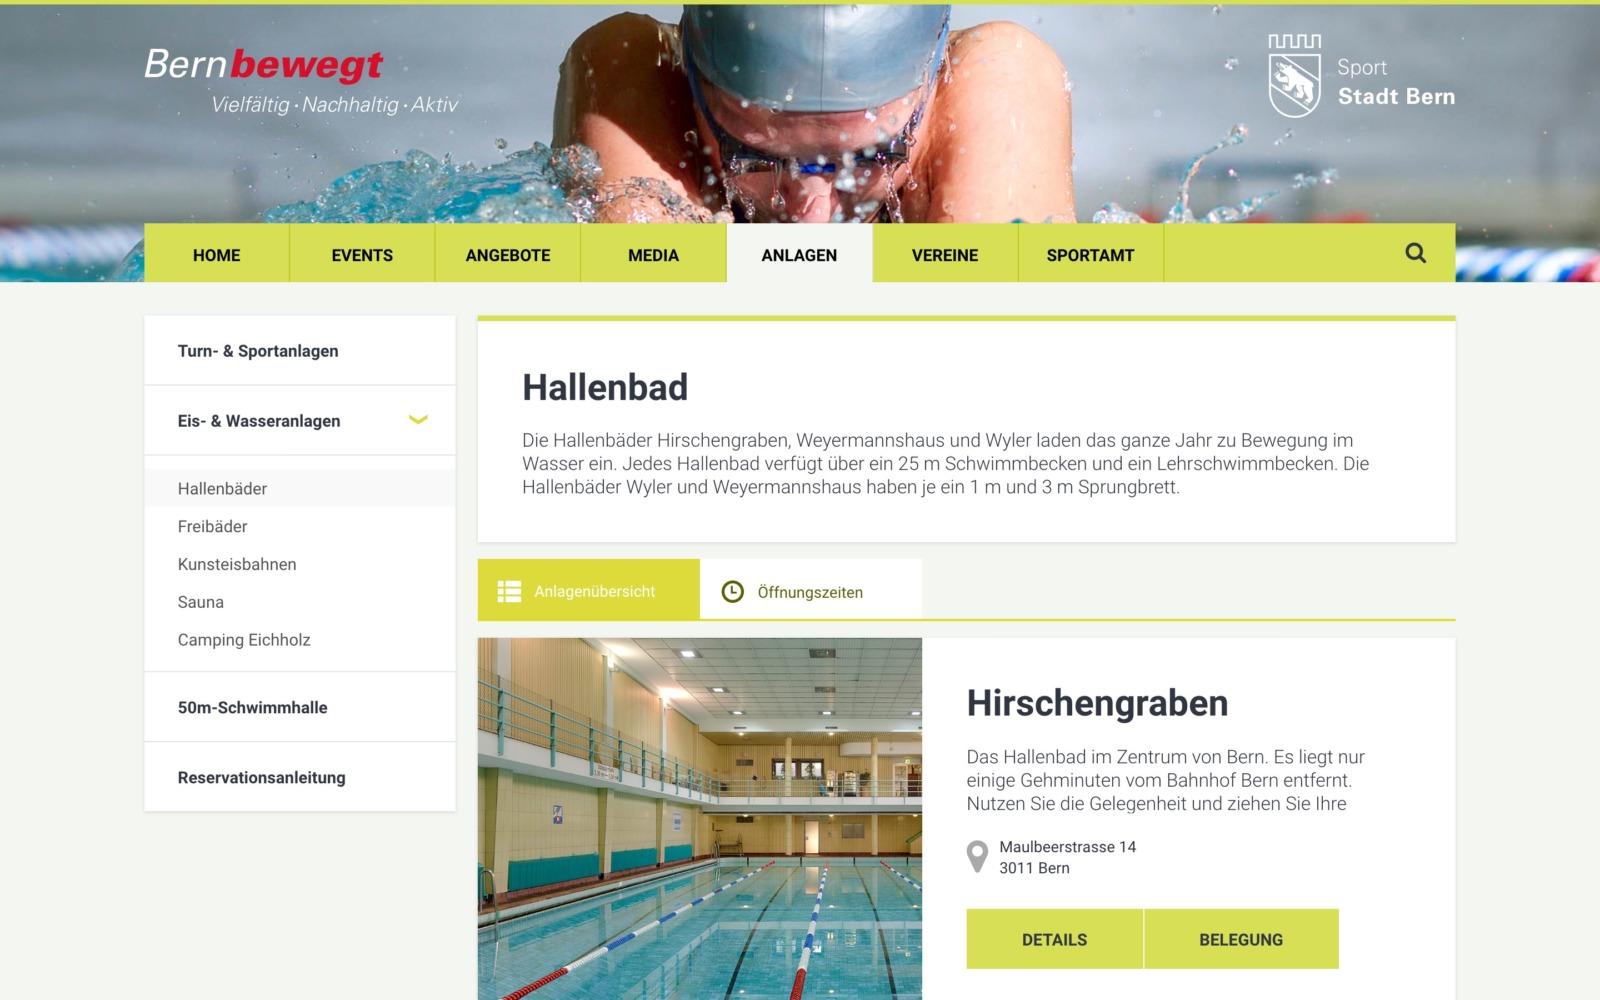 Screenshot of the Sportamt Bern website